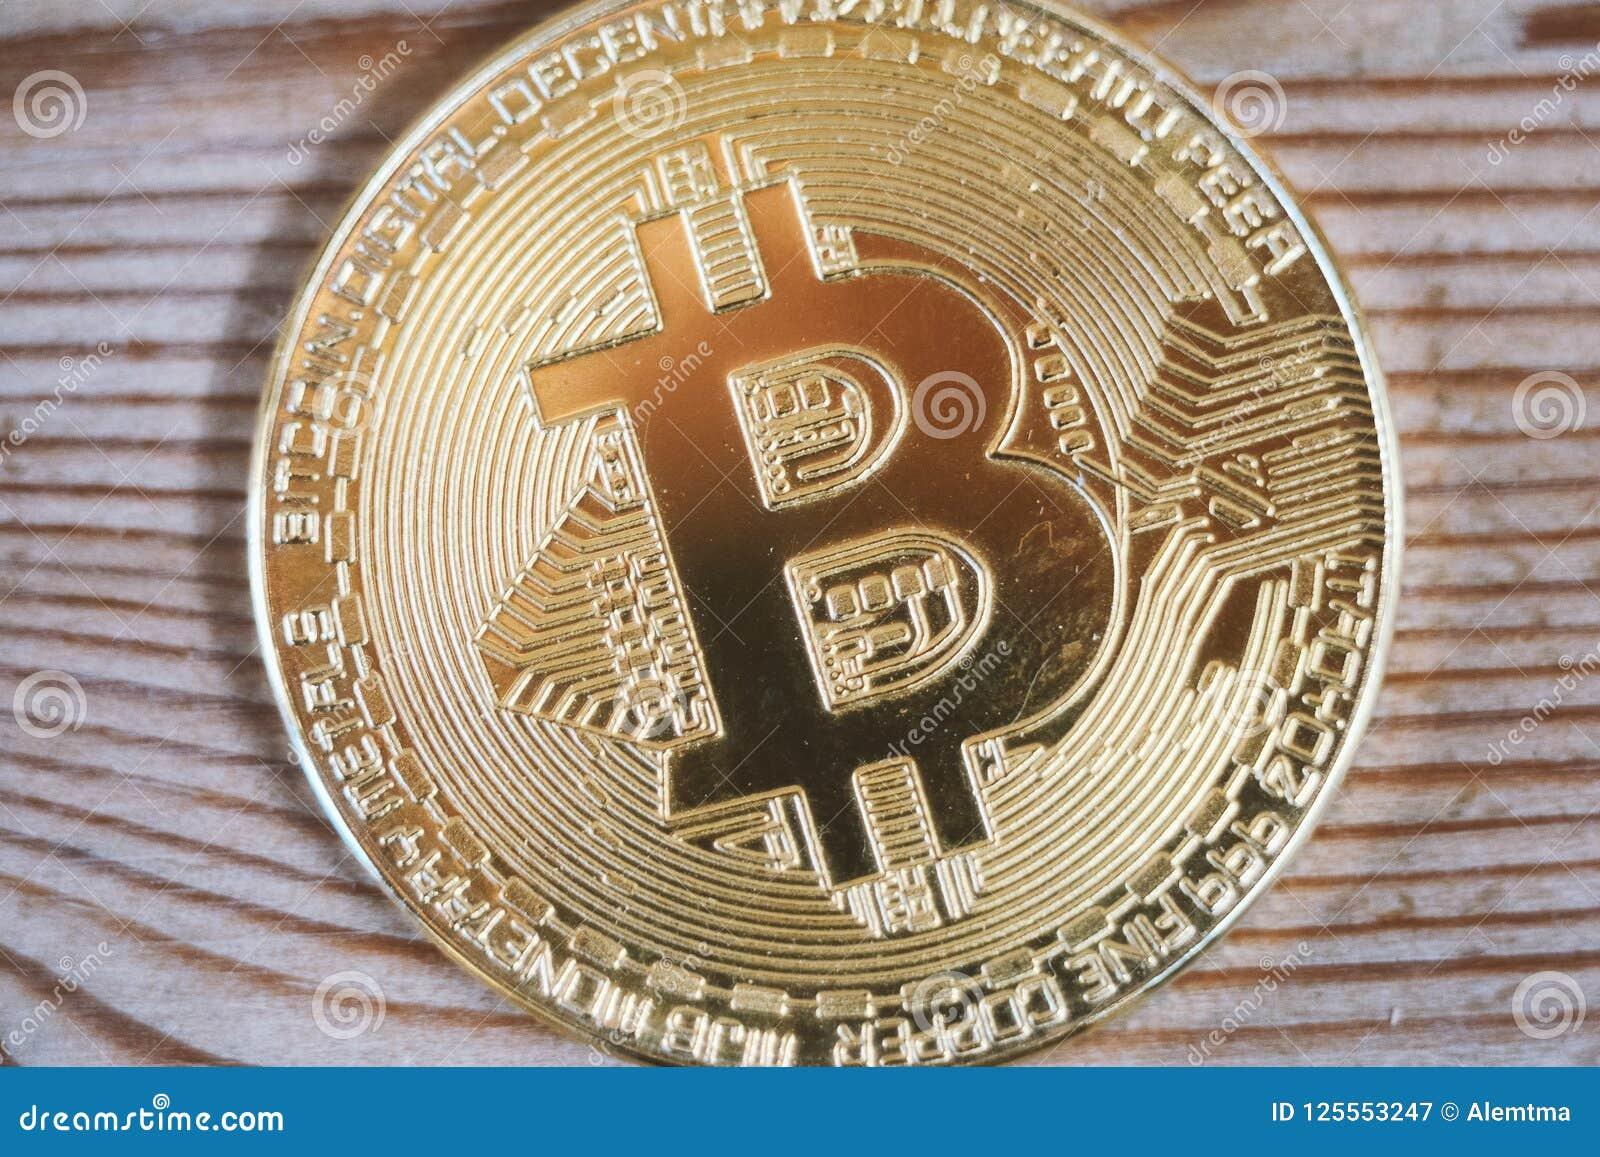 go coin price